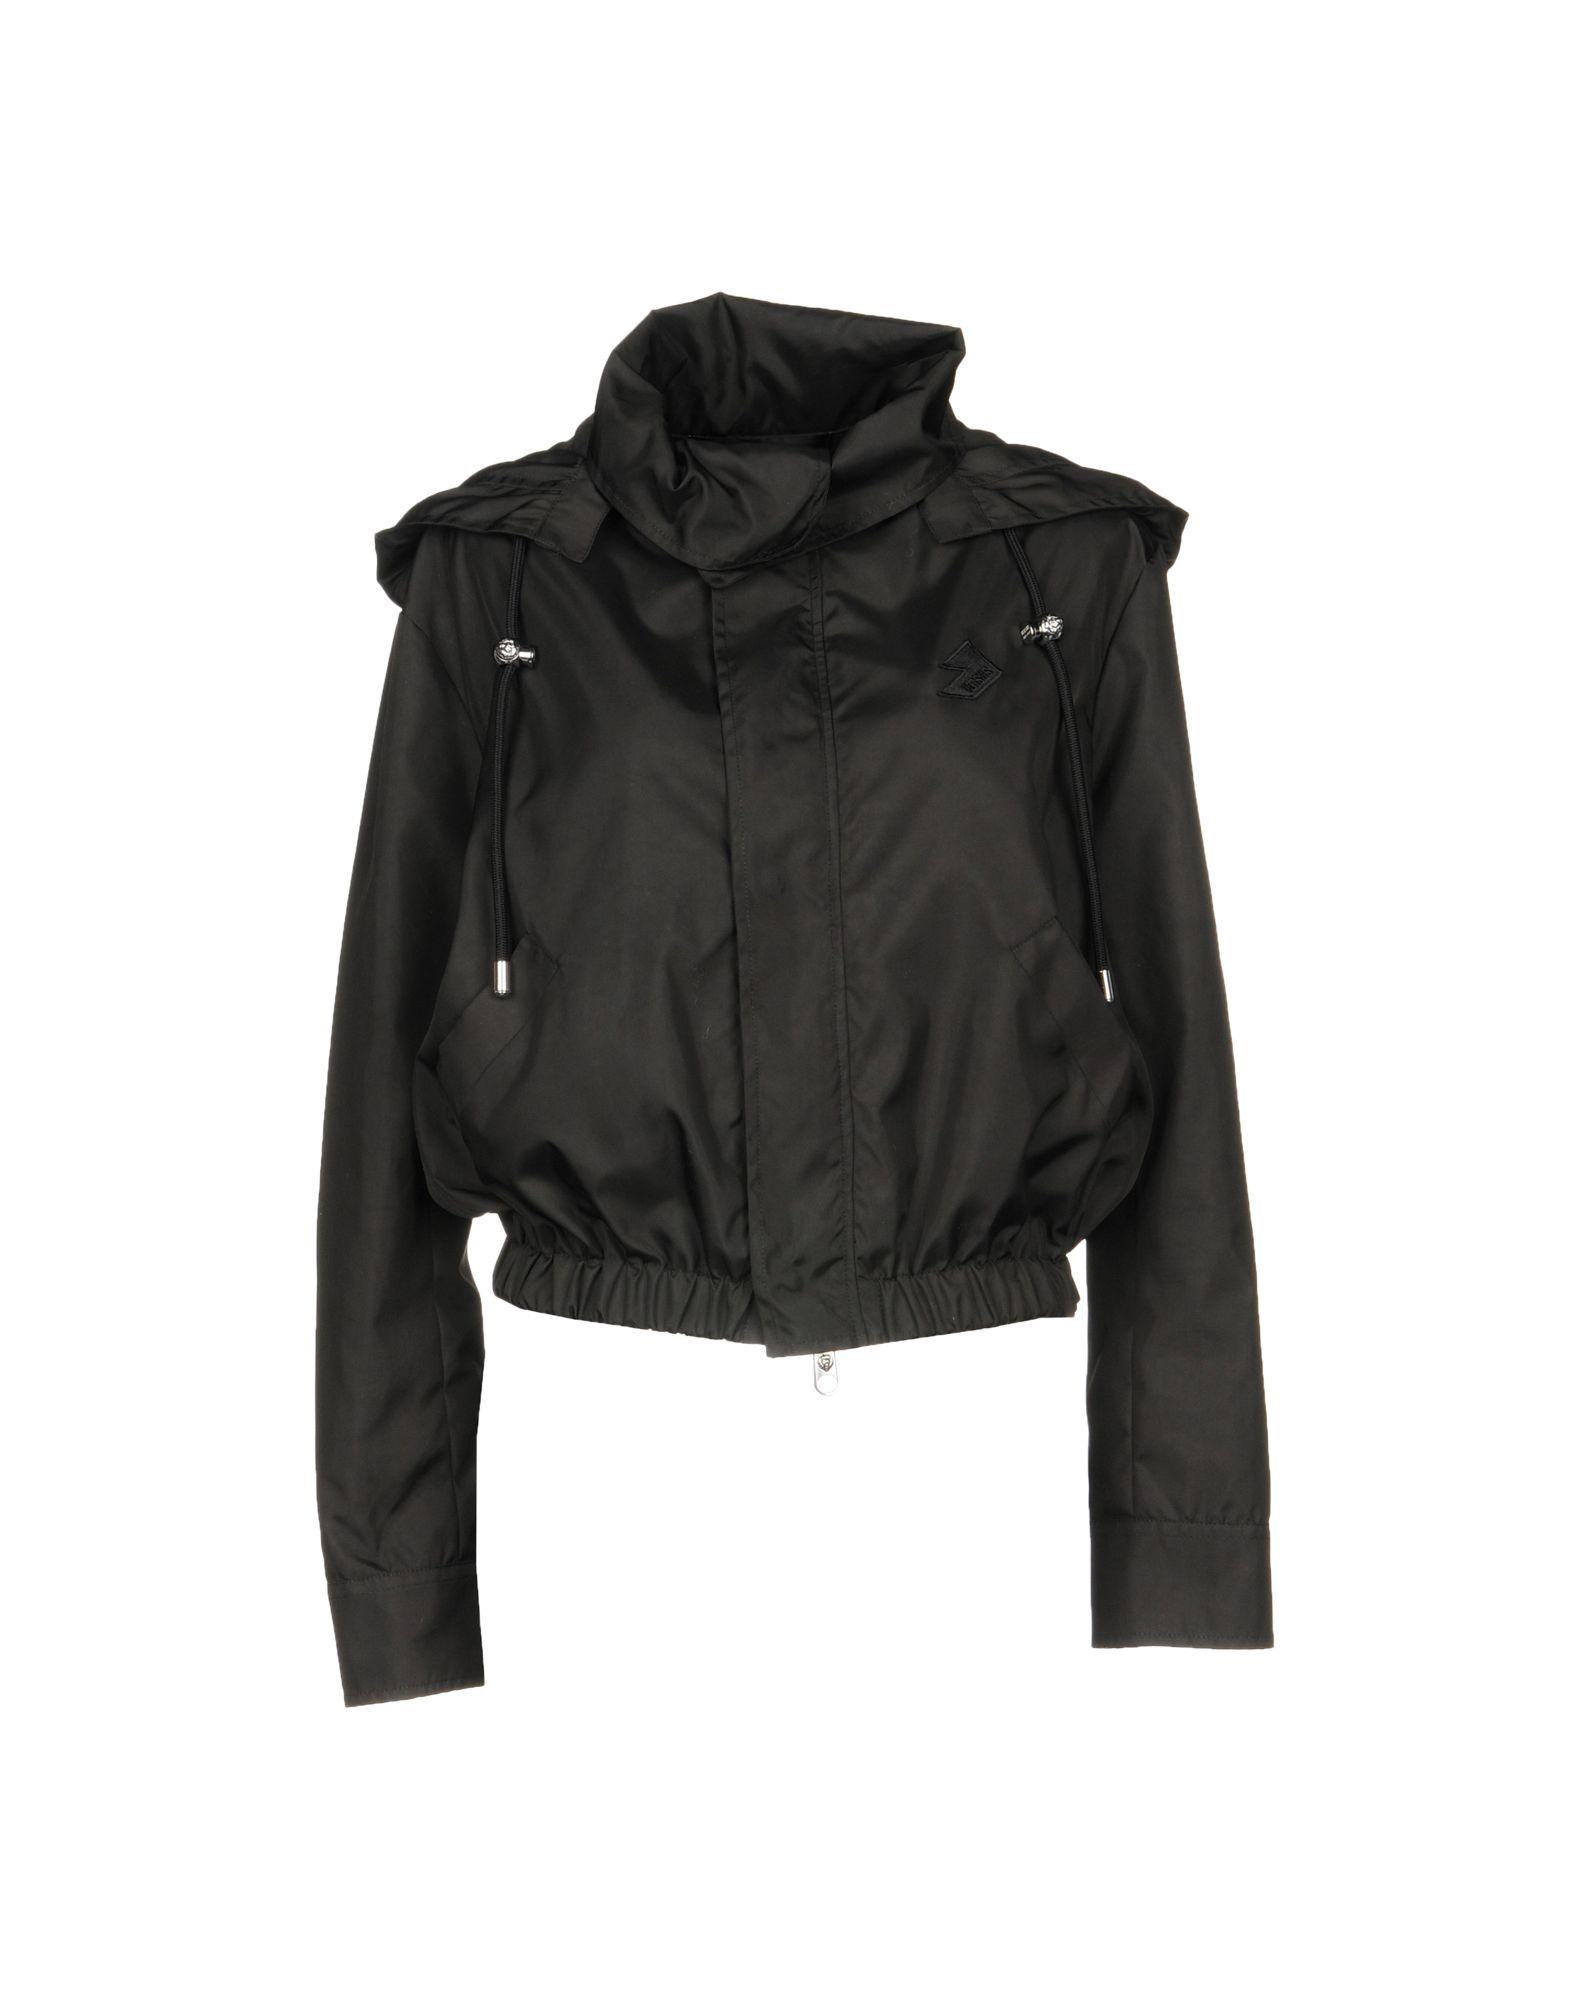 Versus Jacket In Black